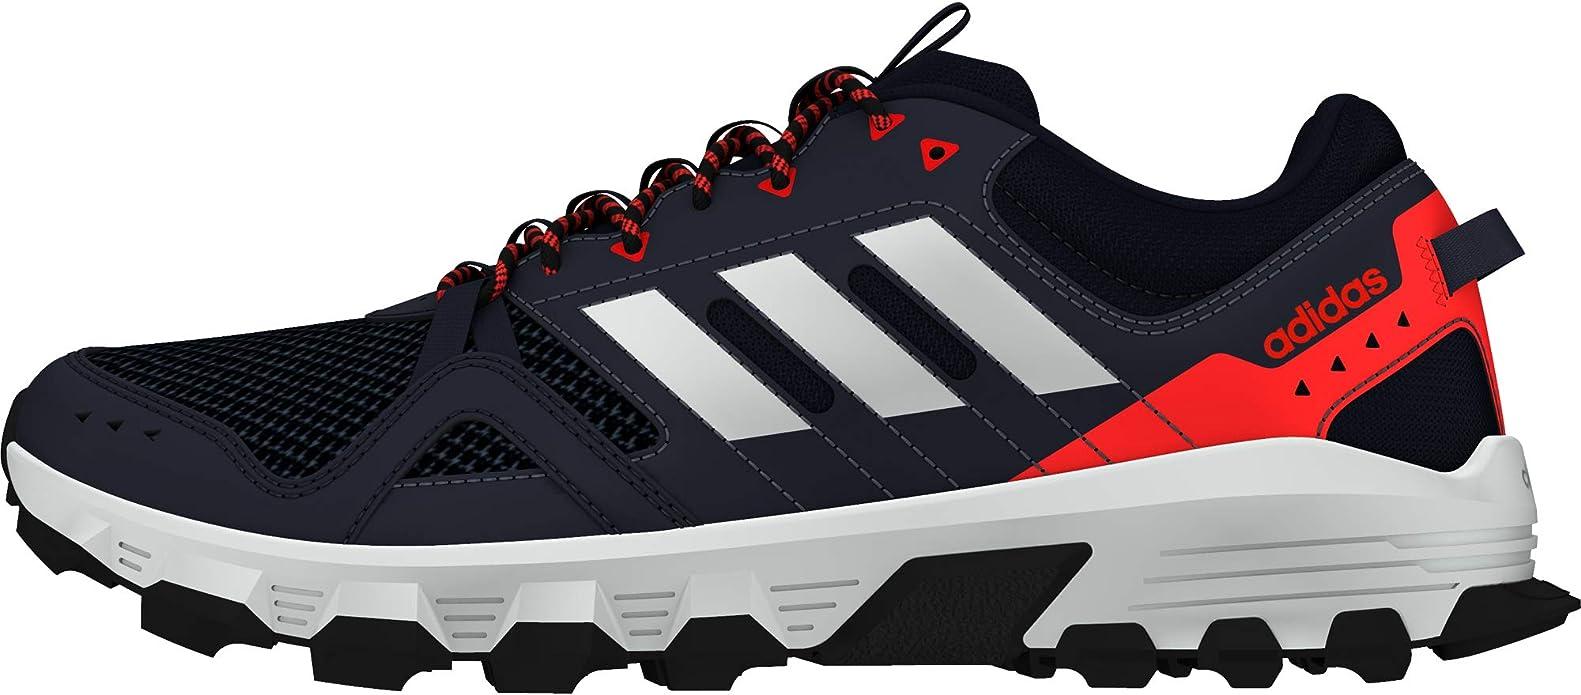 adidas Rockadia Trail, Zapatillas de Running para Hombre, Multicolor (Tinley/Ftwbla/Azutra 0), 49 1/3 EU: Amazon.es: Zapatos y complementos